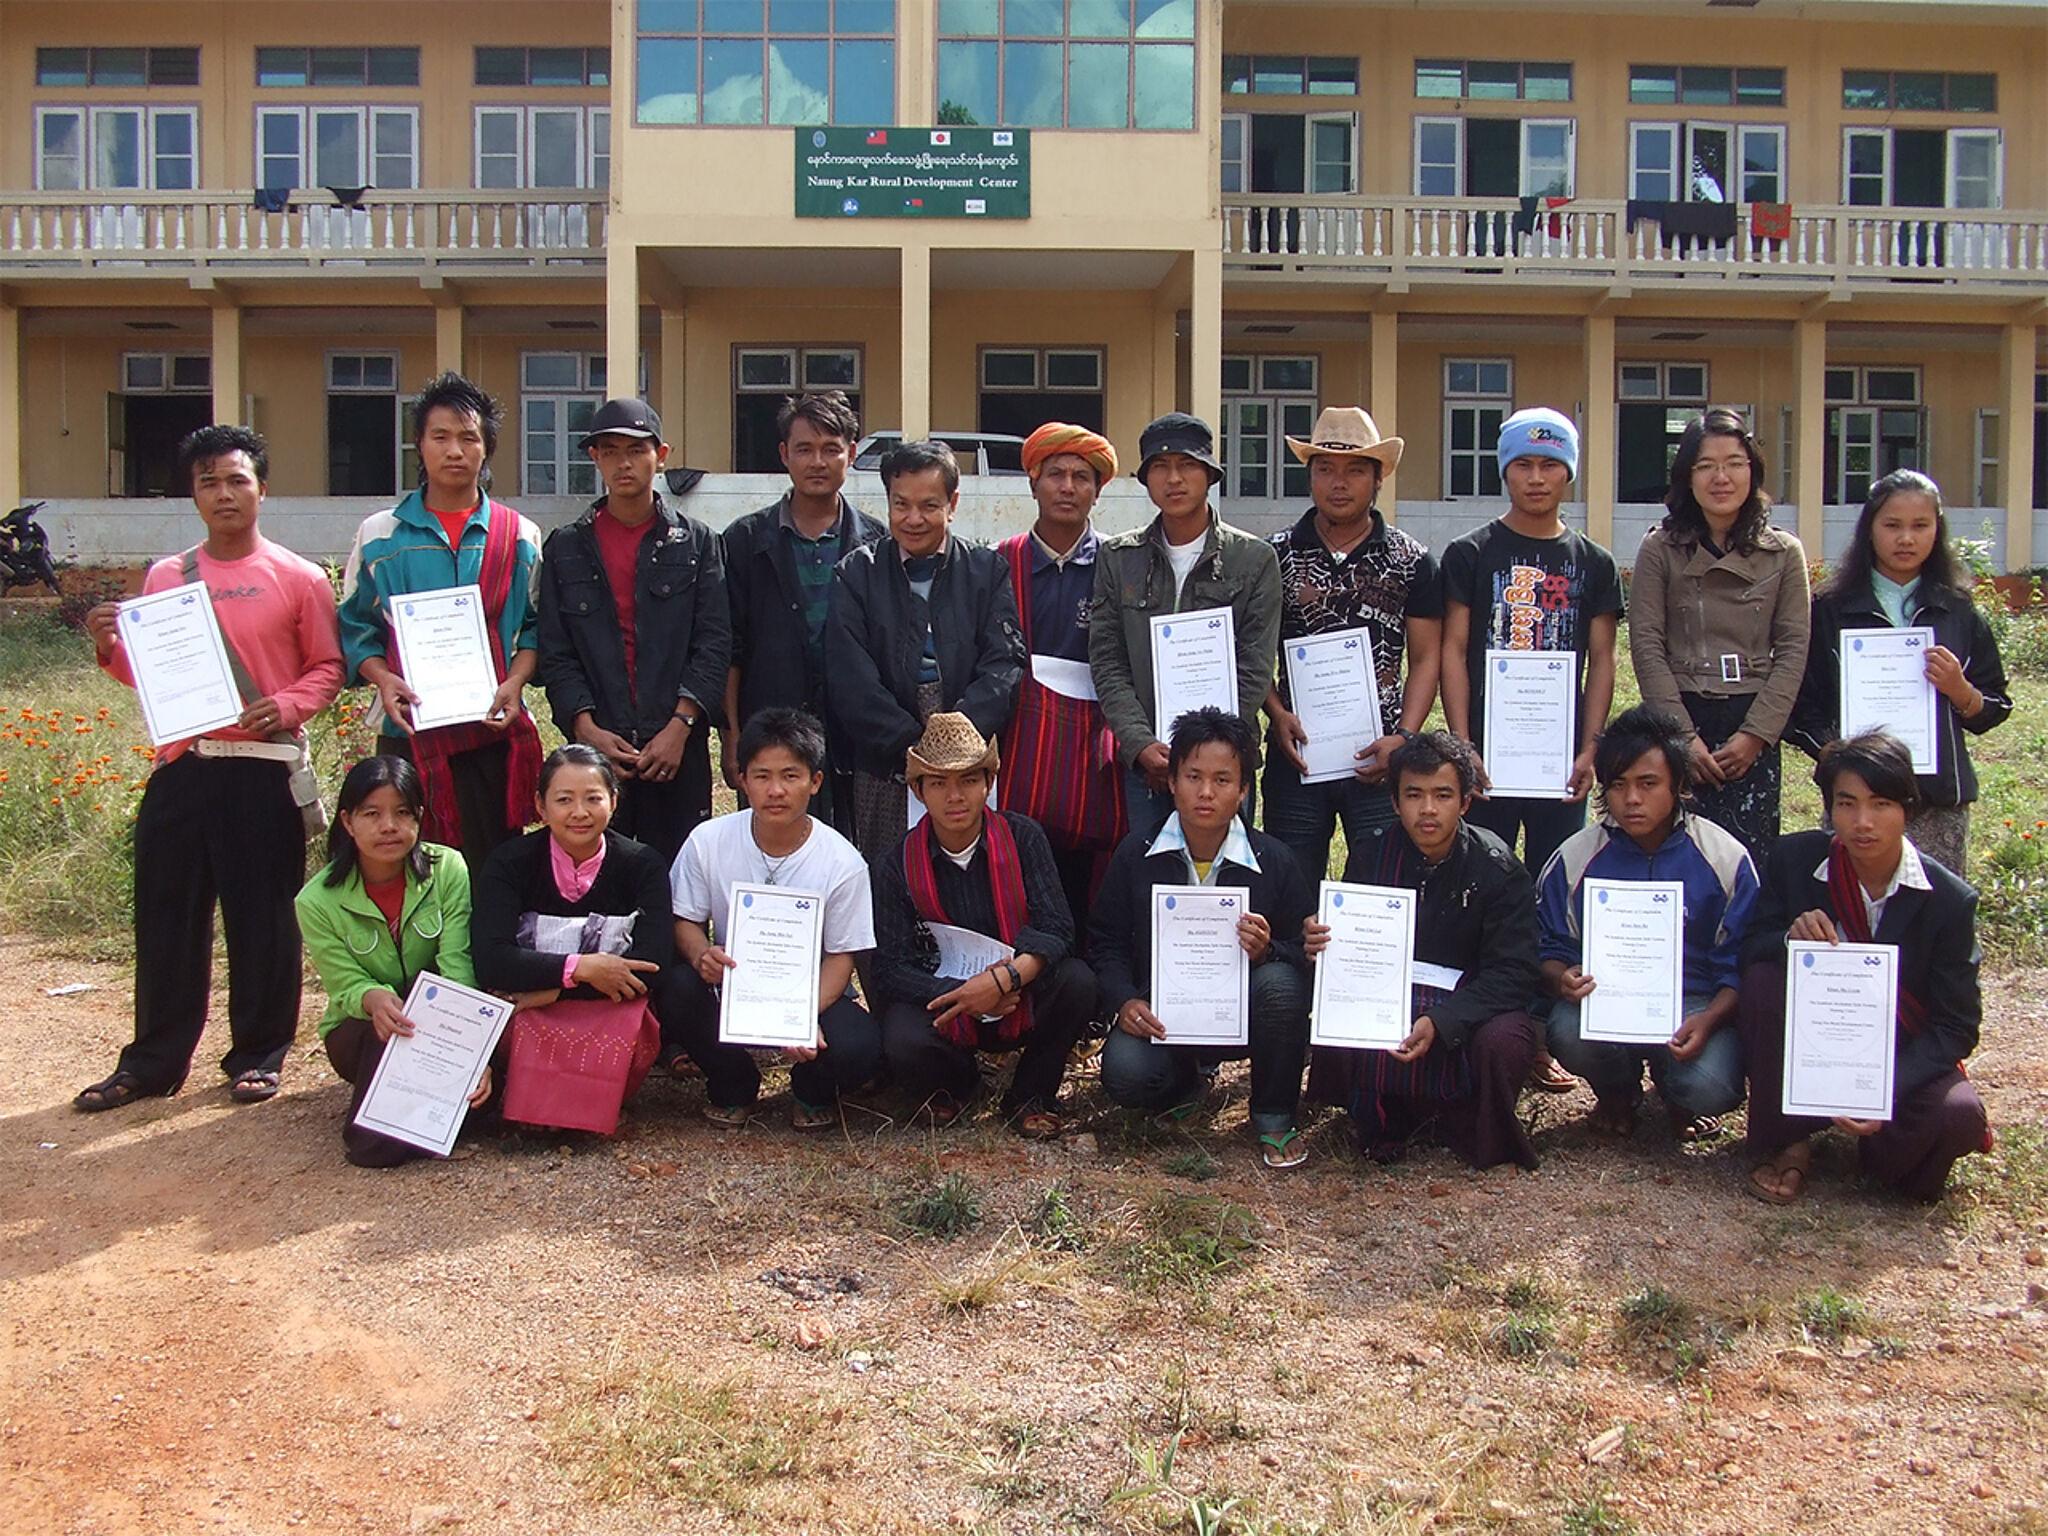 ミャンマーで建物の前で集合している画像